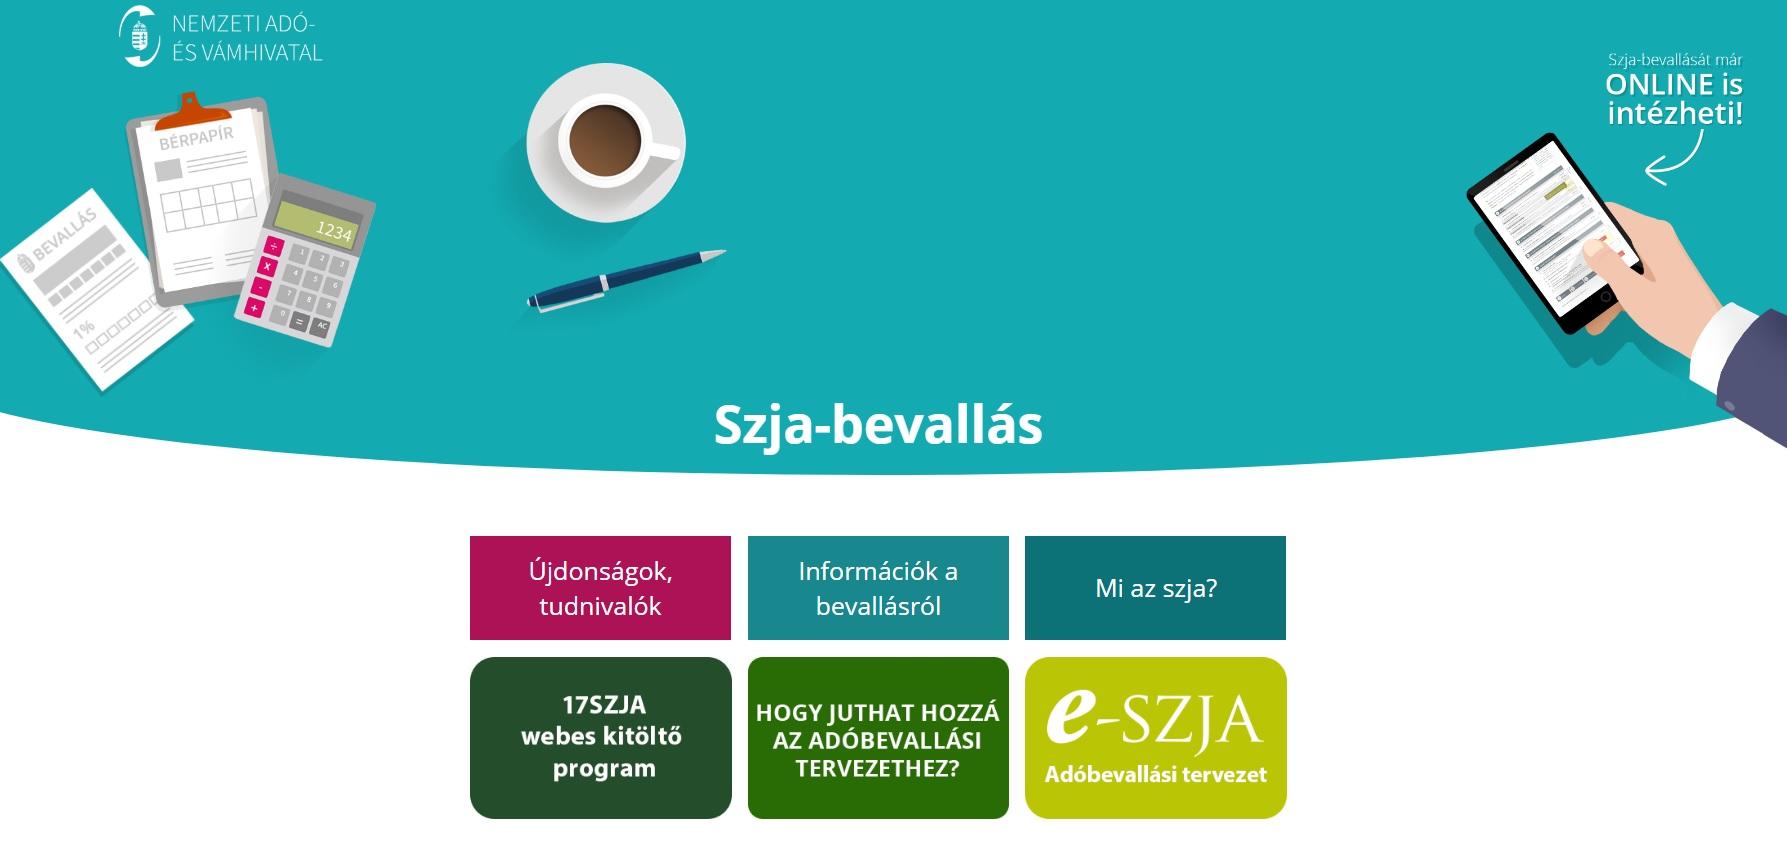 információk a jövedelemről a weboldalon pénzt keresni az interneten promóciós kódokkal